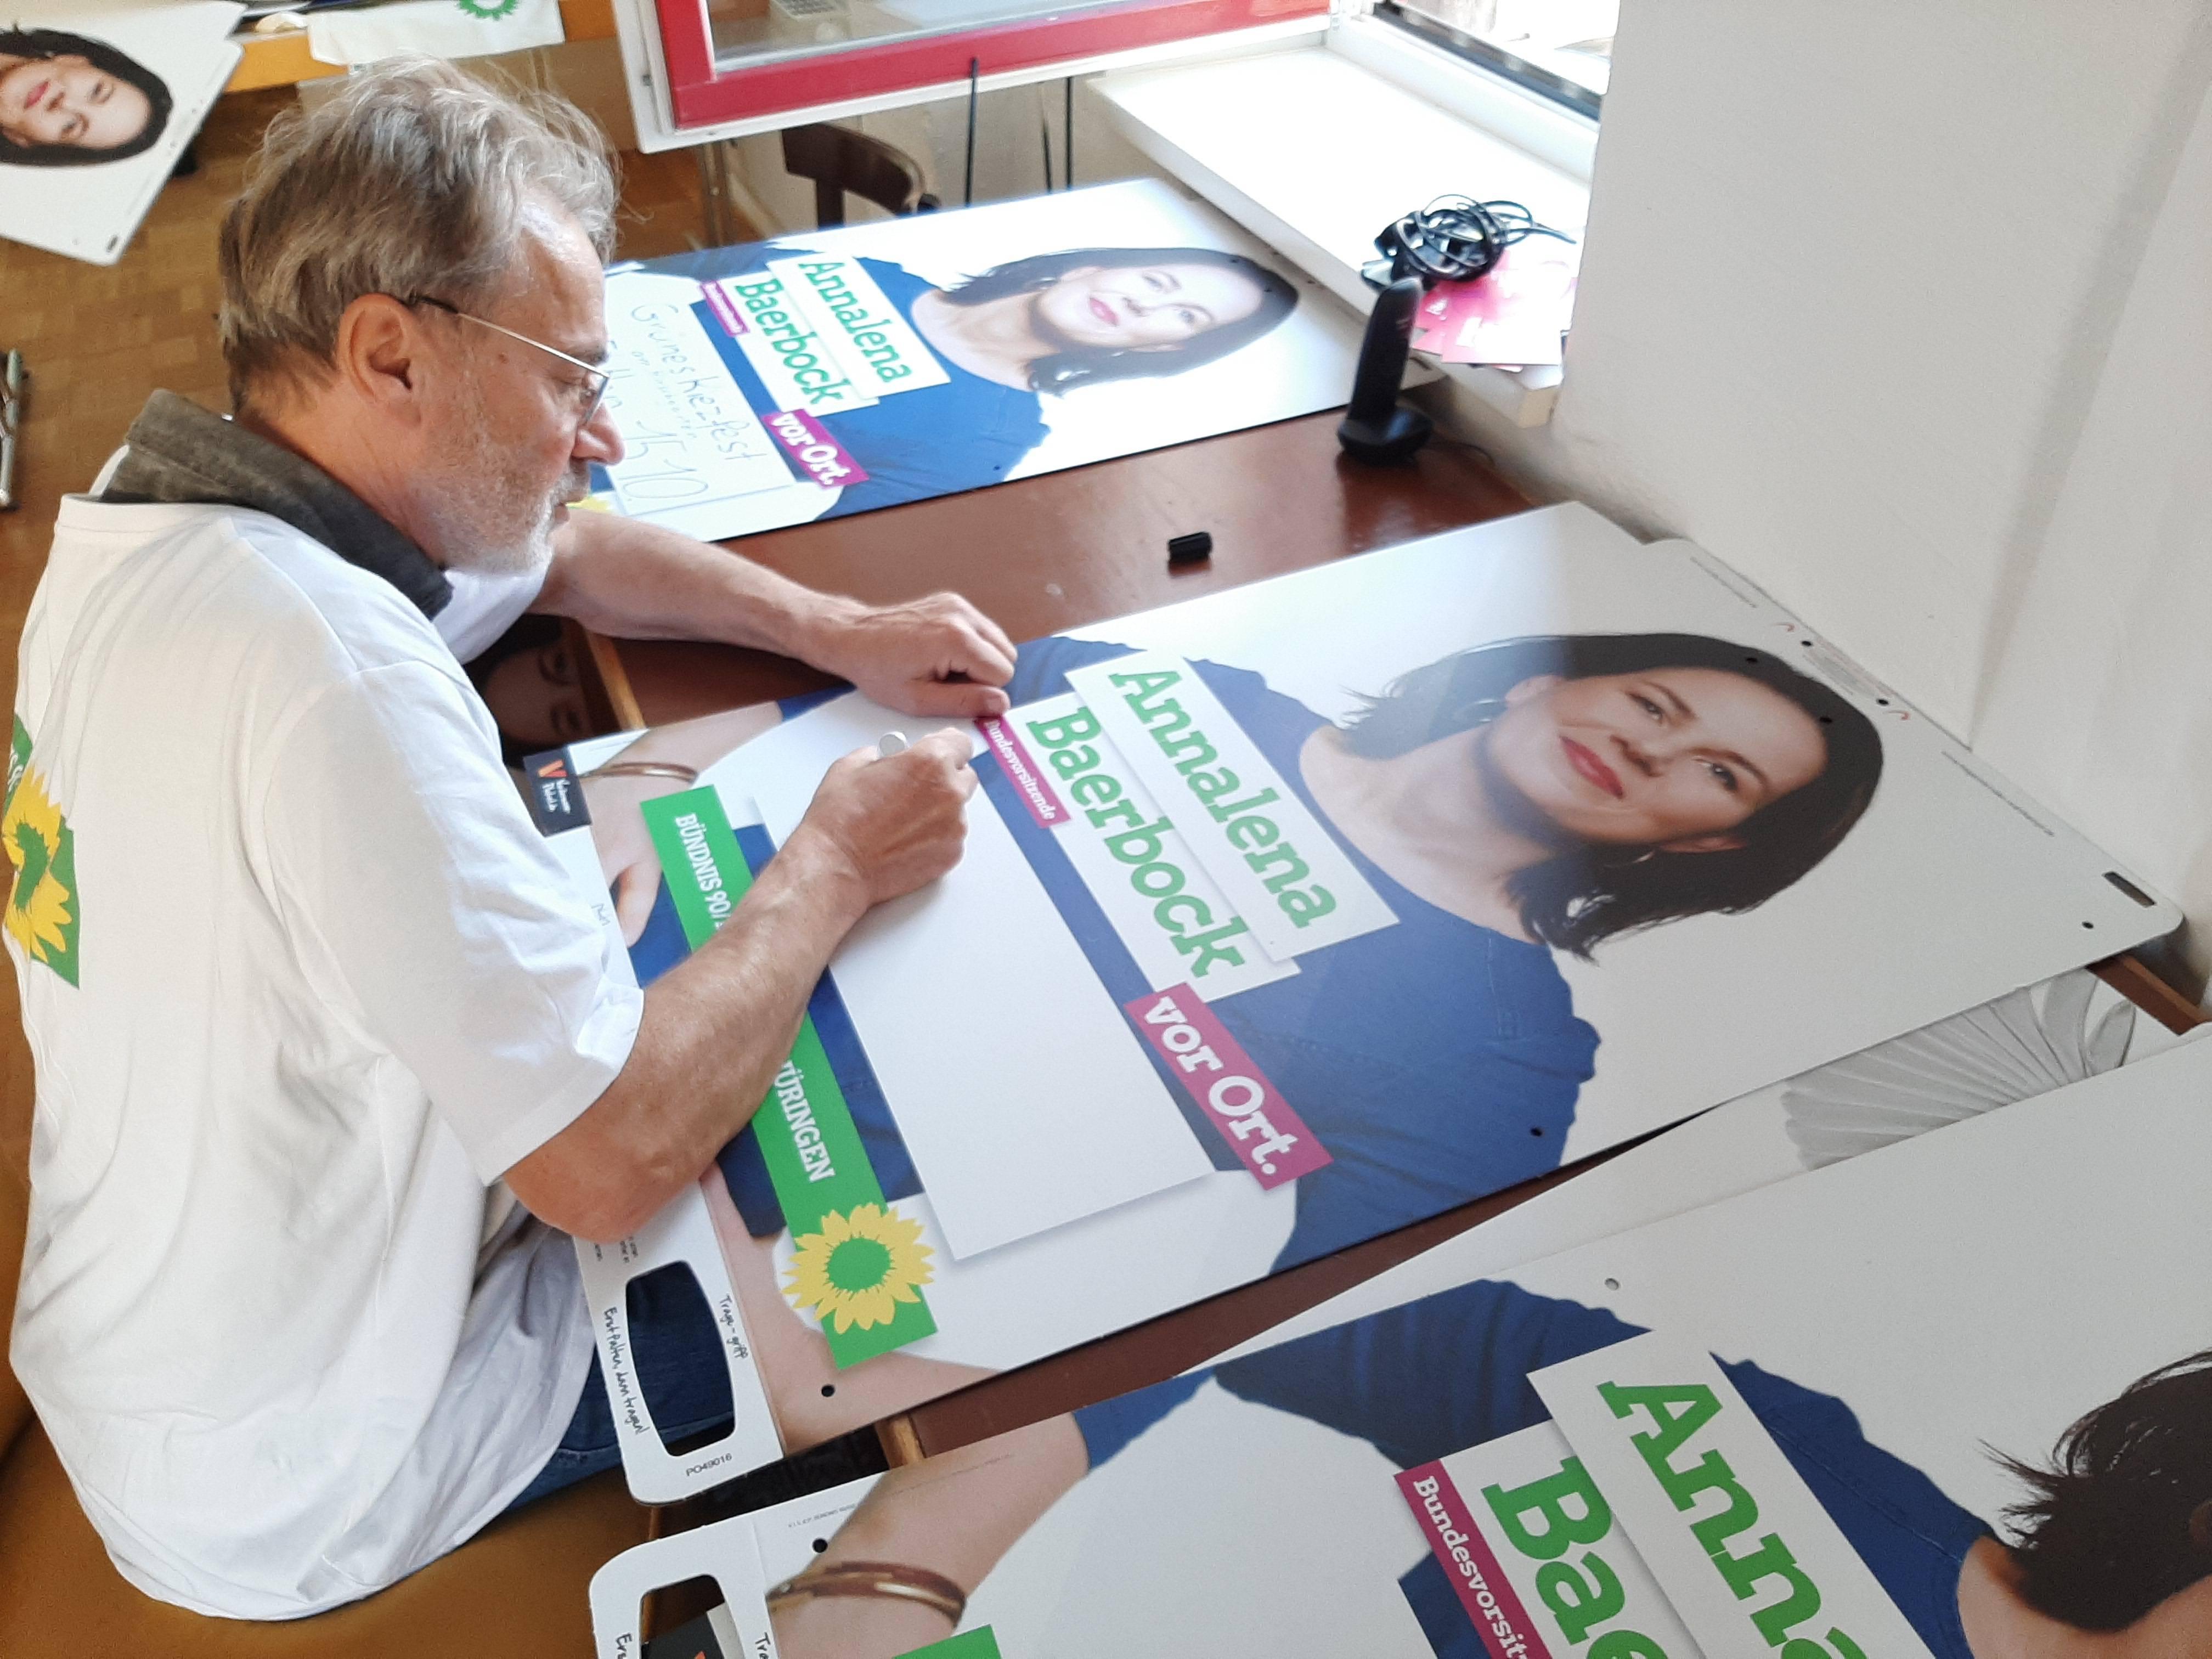 Alter Grüner aus dem Süden Deutschlands auf Wahlkampfurlaub in Brandenburg